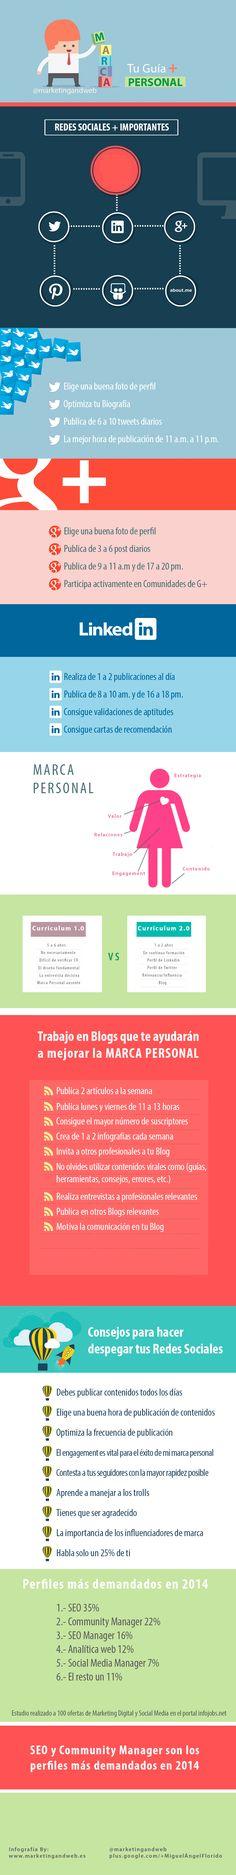 Guía de marca personal 2.0. Infografía en español. #CommunityManager